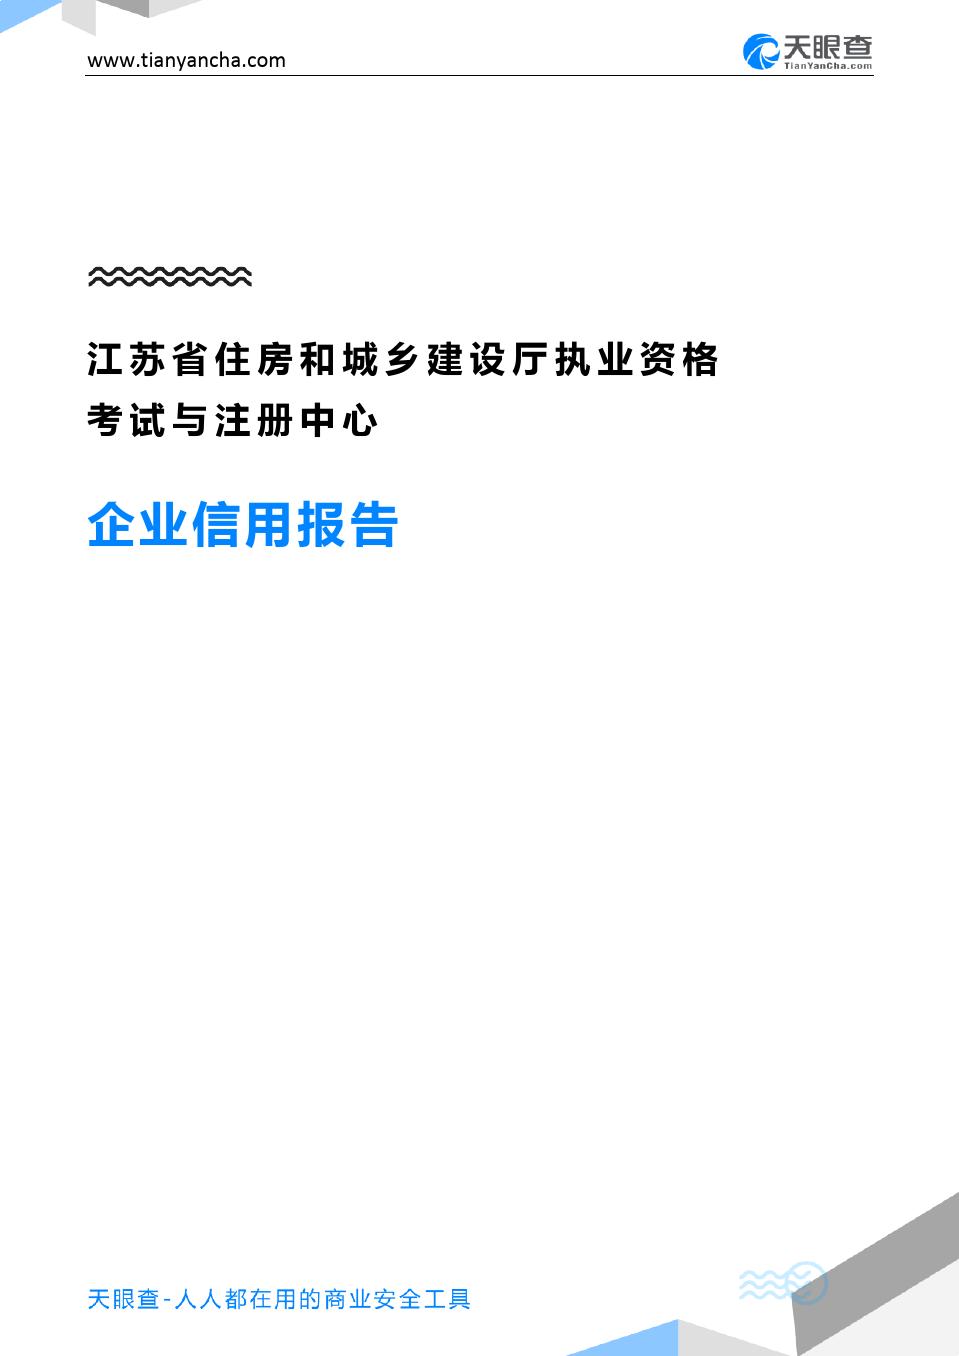 江苏省住房和城乡建设厅执业资格考试与注册中心(企业信用报告)- 天眼查